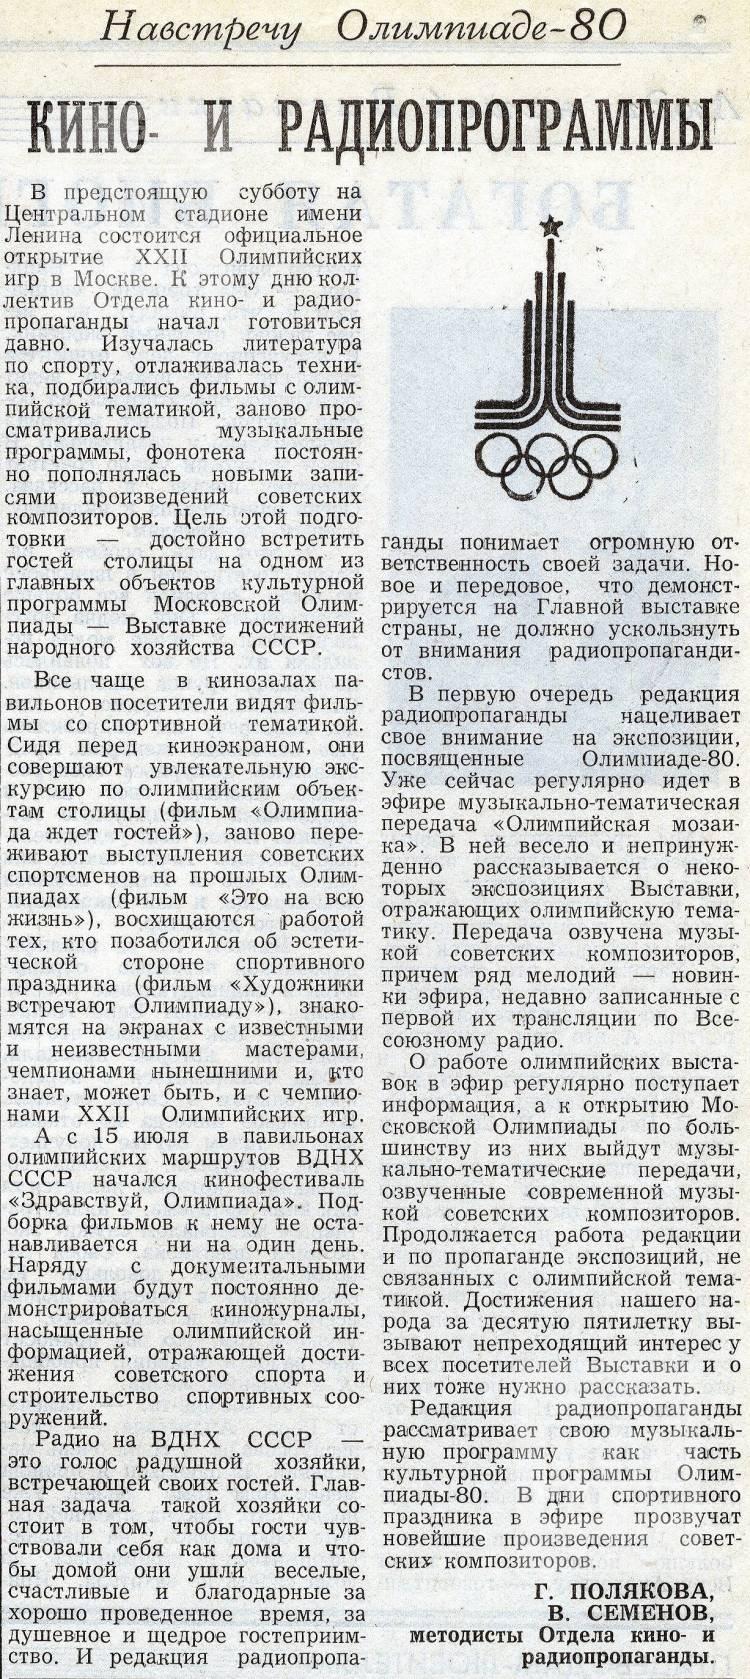 За передовой опыт. 1980, №51